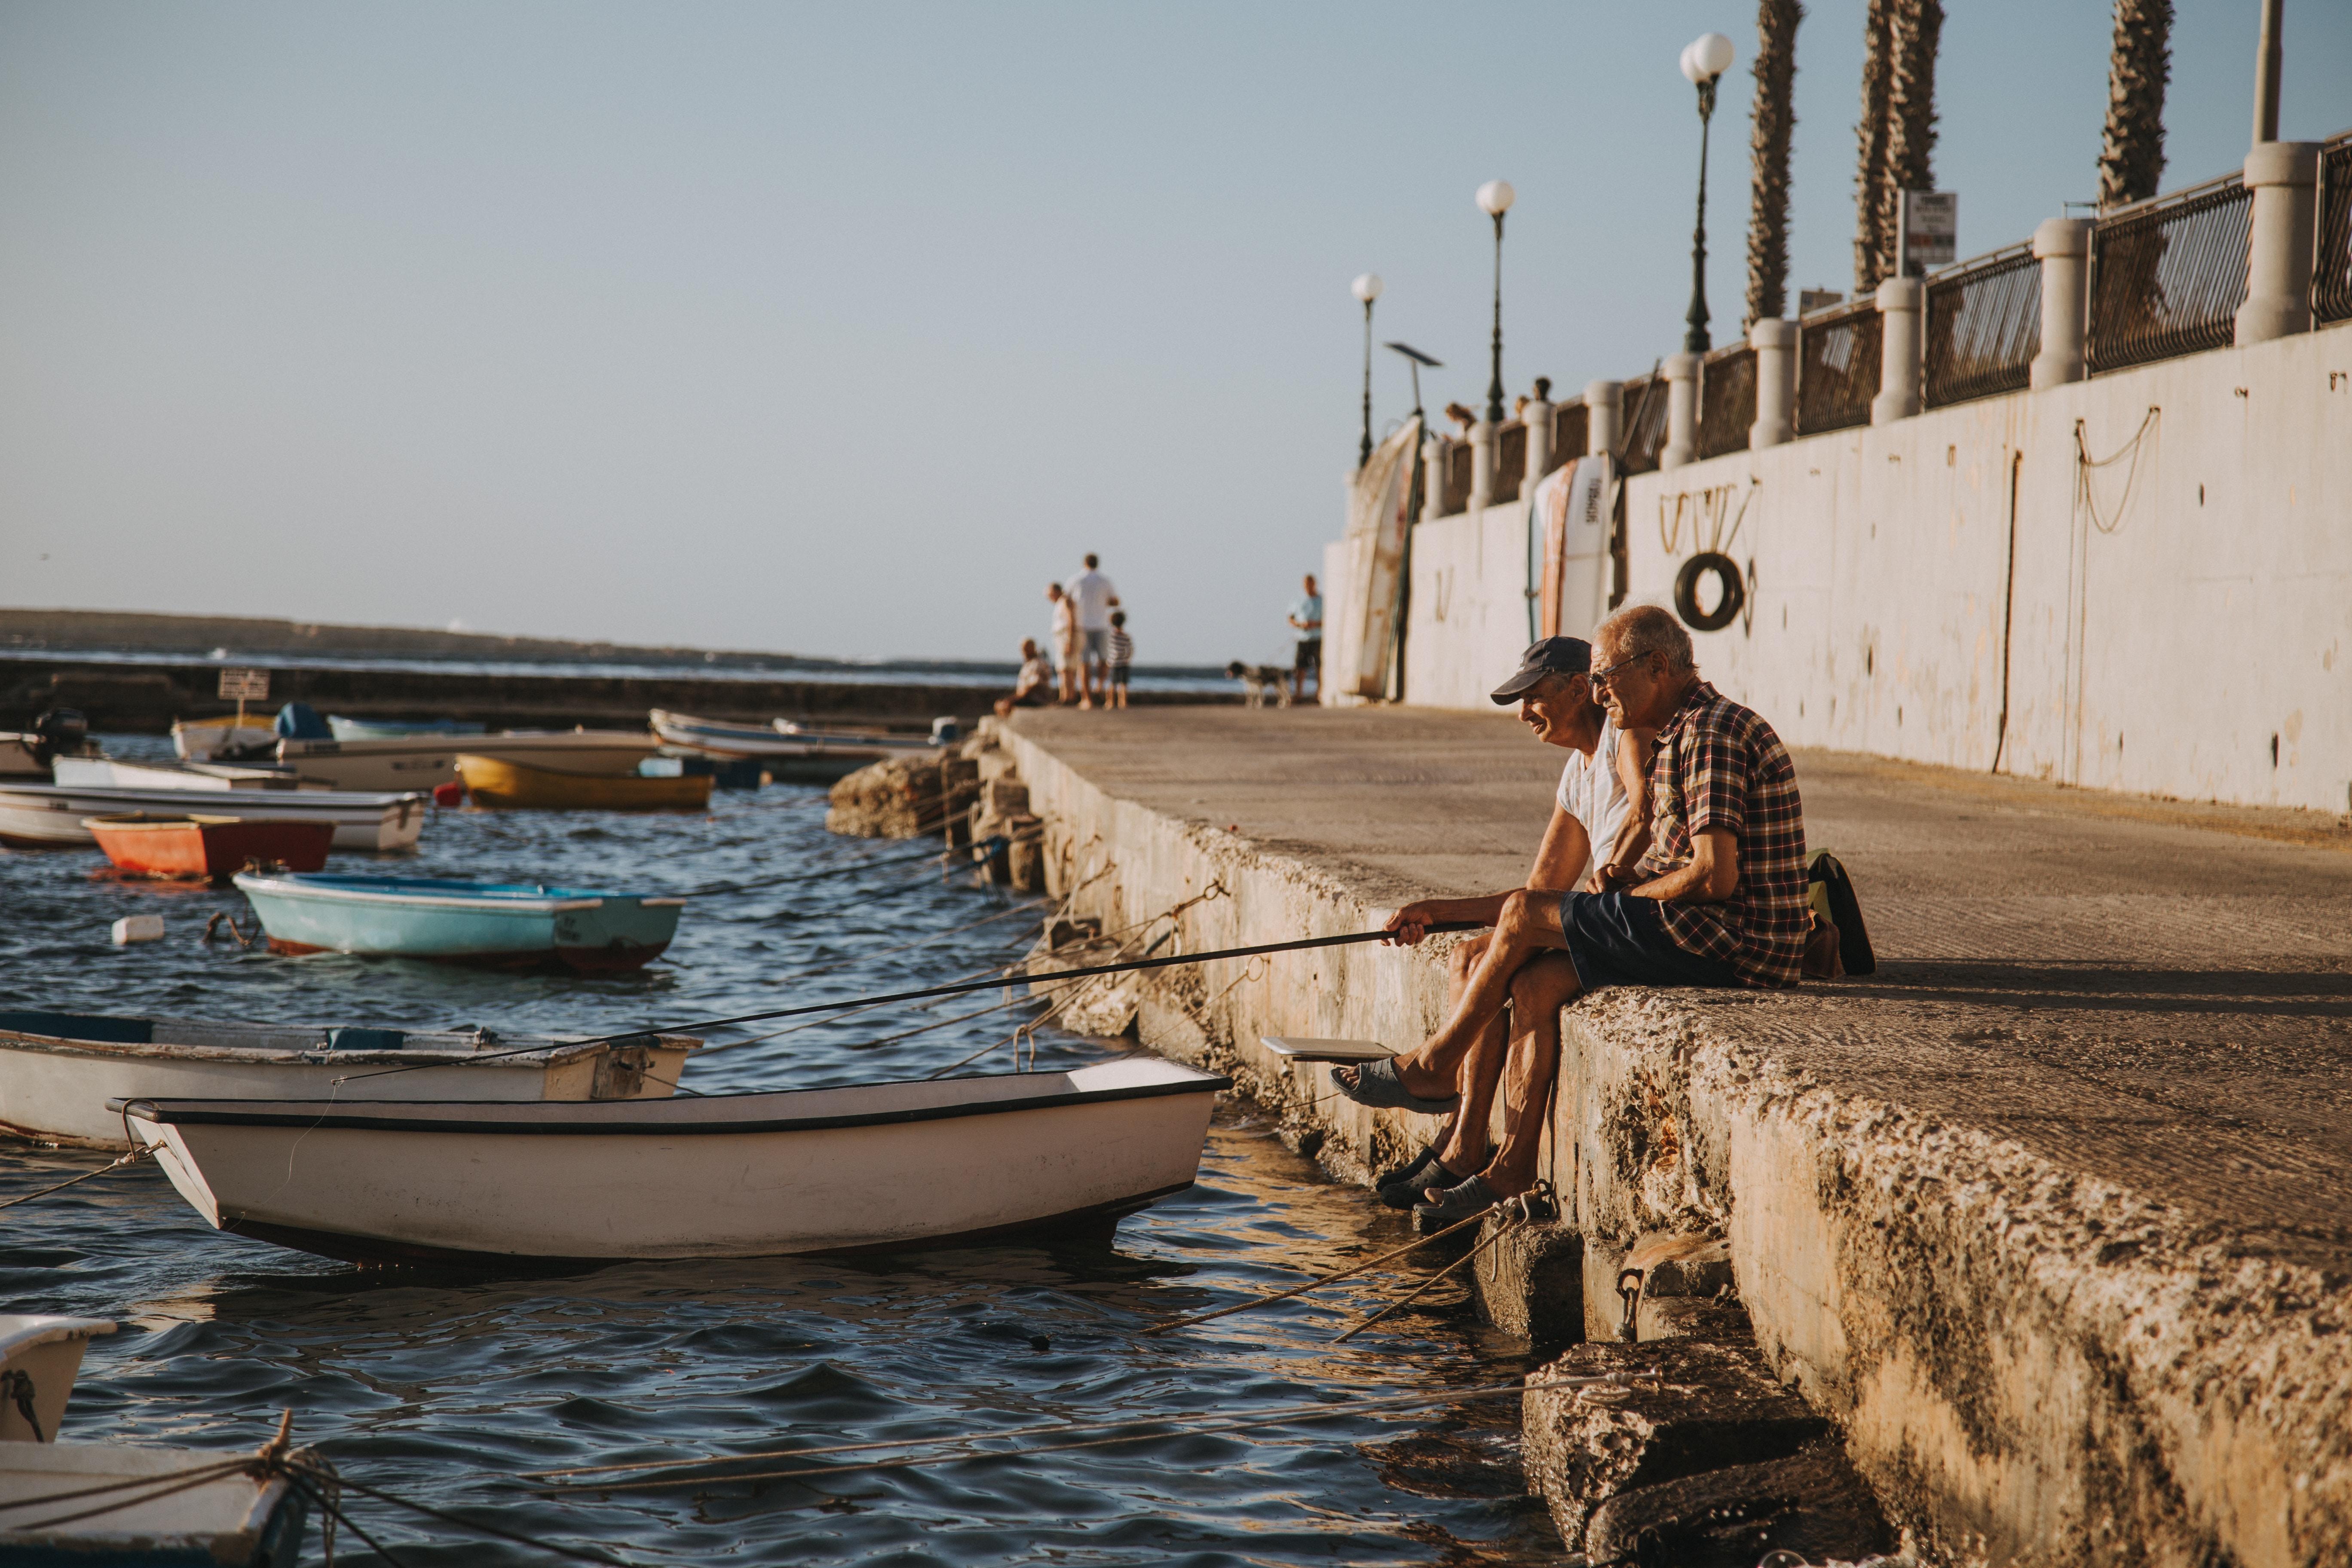 two men fishing near boats